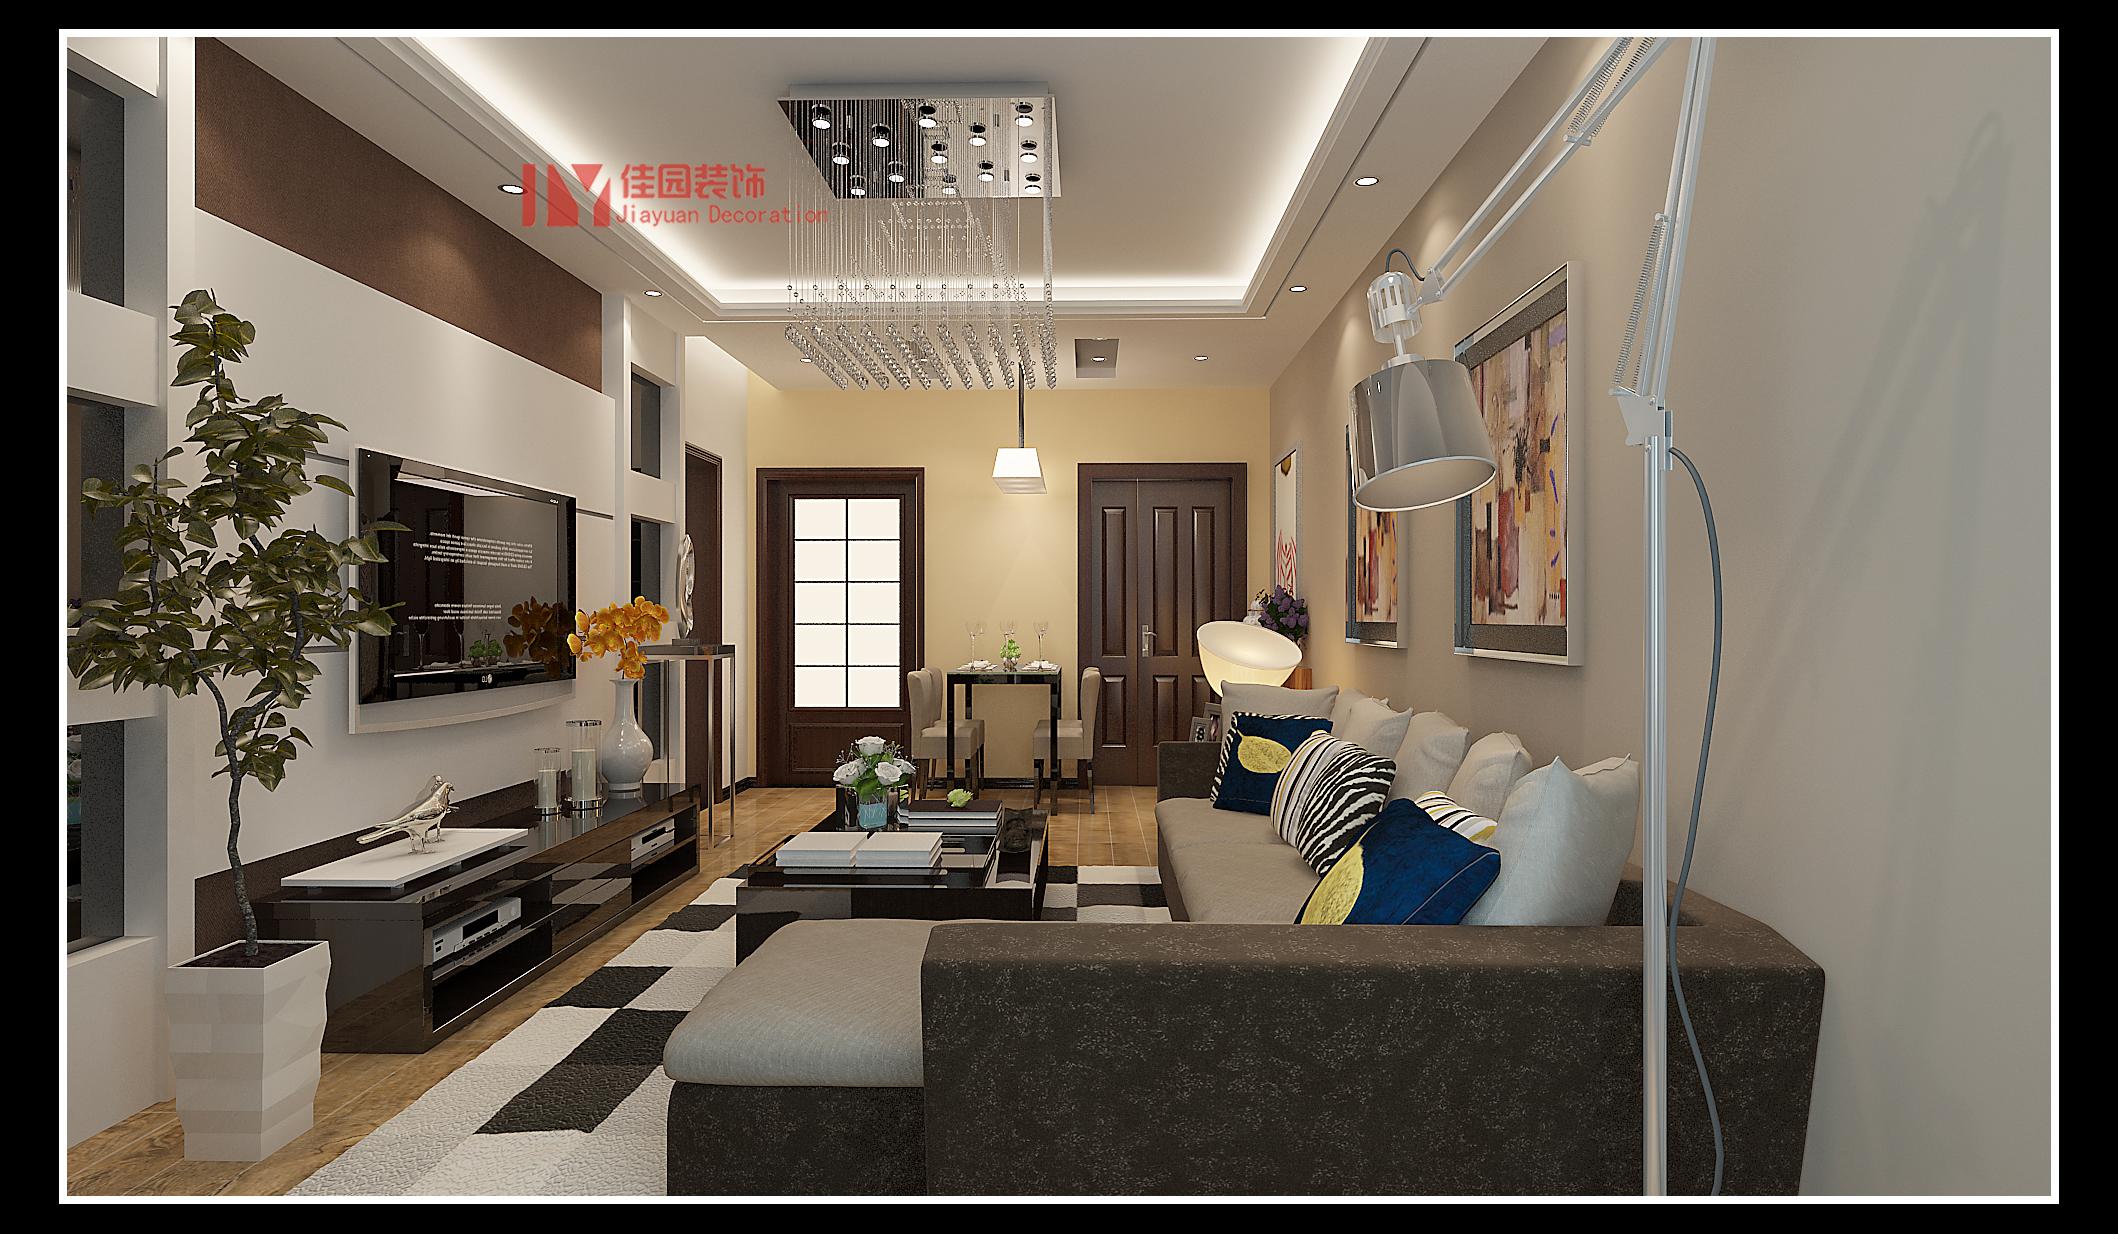 简约 客厅图片来自佳园装饰在蒙特卡尼70平米简约风格装修案例的分享